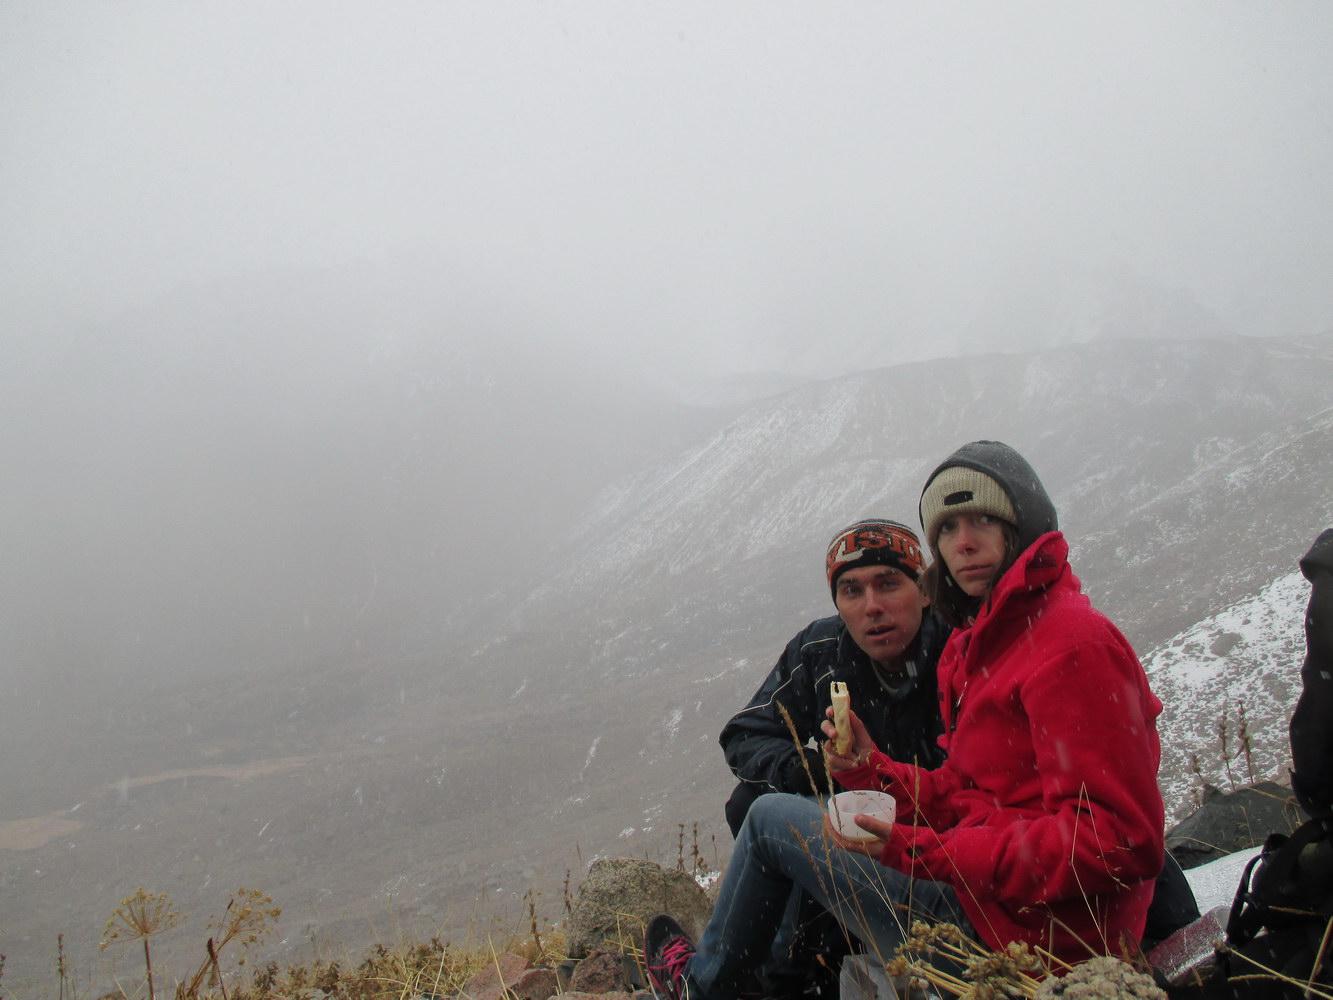 пикник в горах алатау. погода портится. казахстан